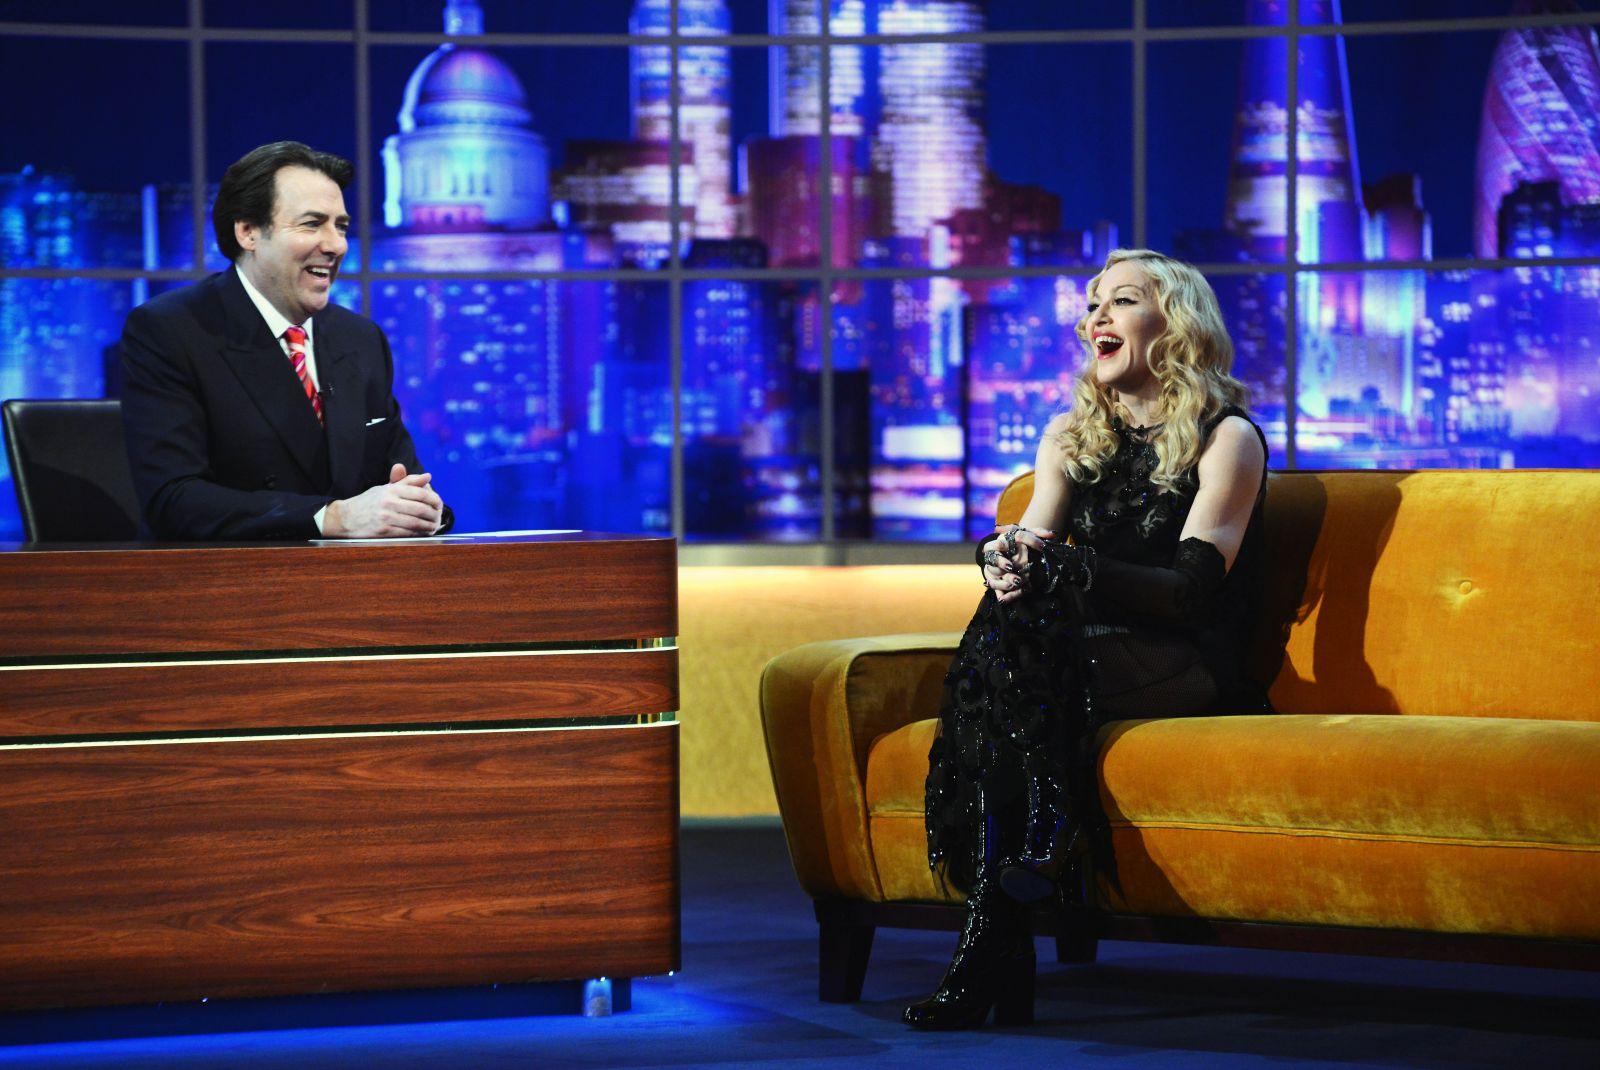 Мадонна взобралась на стол в откровенном наряде во время телешоу